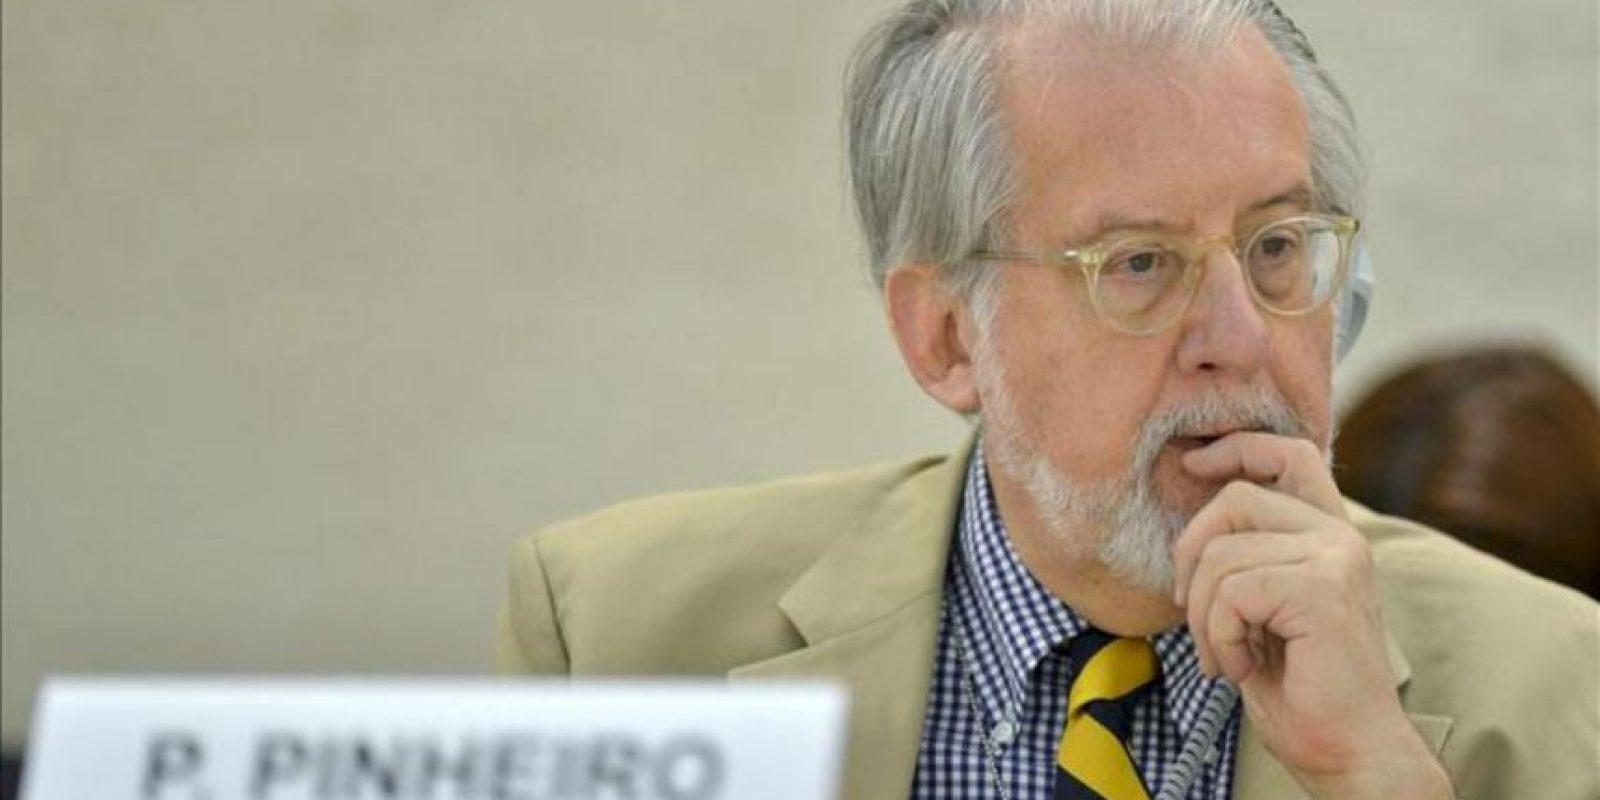 El presidente de una comisión creada por la ONU para investigar los abusos de derechos humanos en Siria, Paulo Pinheiro, presenta el informe de la Comisión de Investigación Independiente sobre Siria, durante la vigésima sesión del Consejo de Derechos Humanos en la sede de Naciones Unidas en Ginebra, Suiza, el 27 de junio. EFE